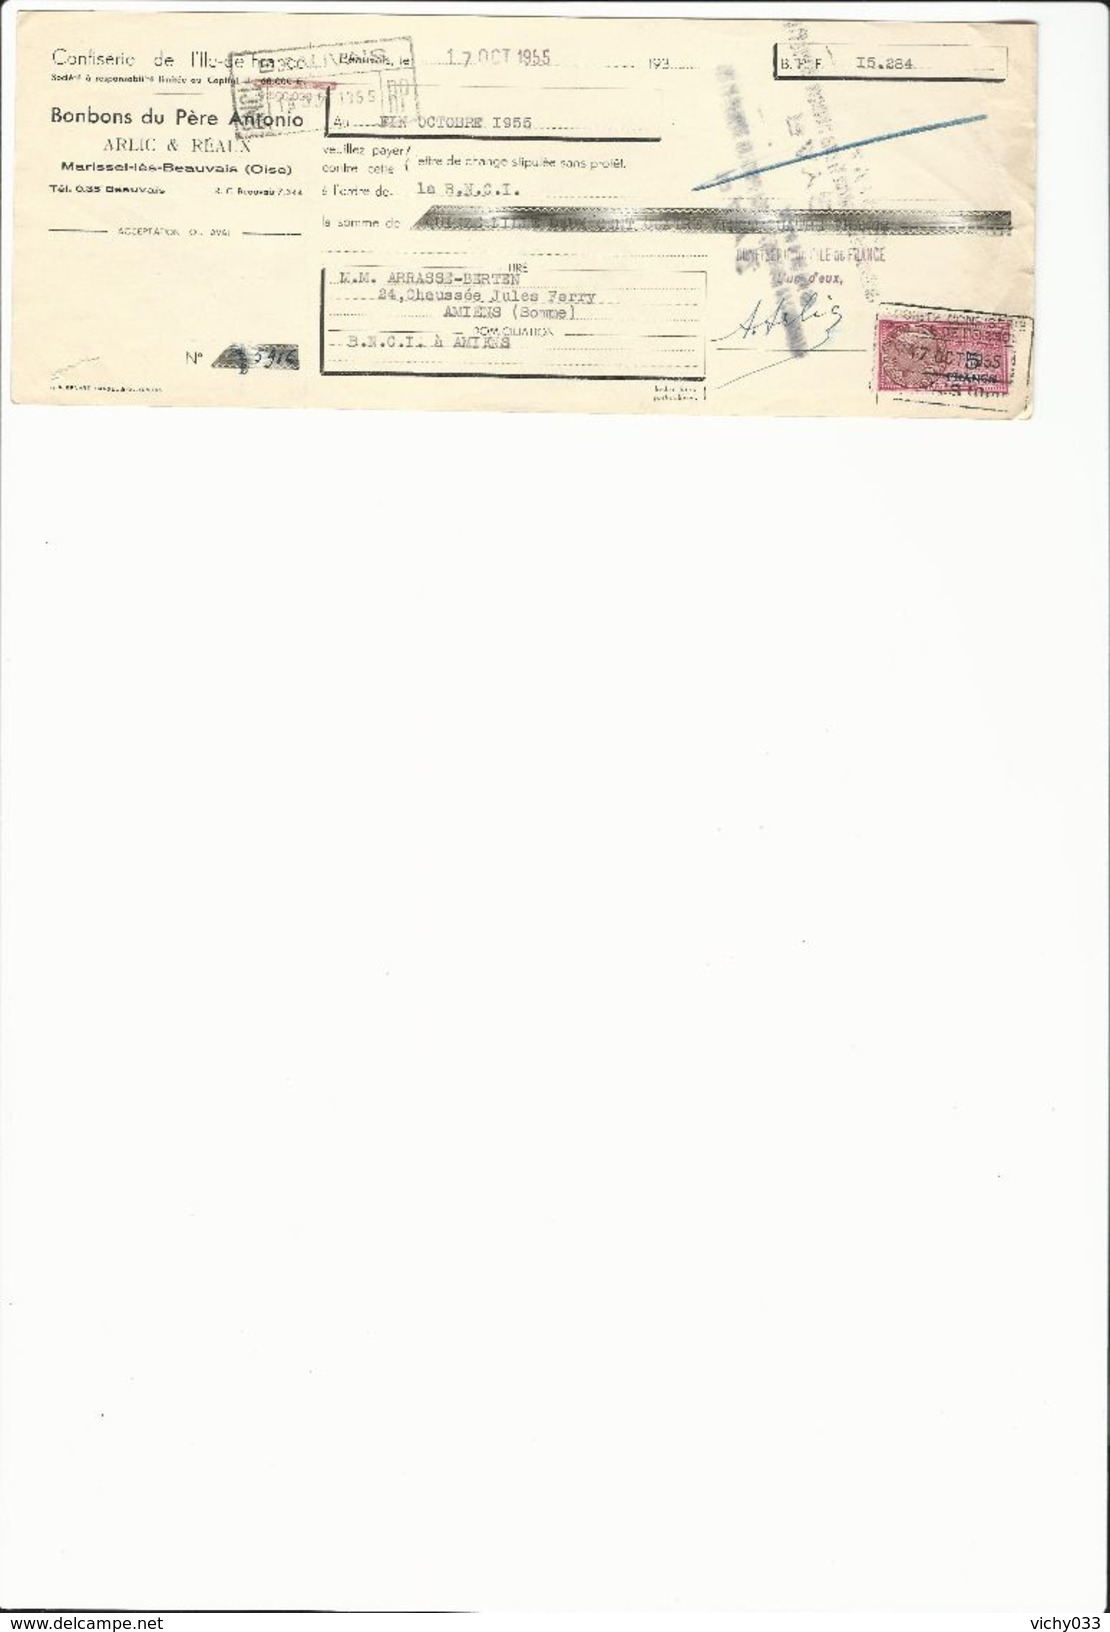 Ref 53/ 60, Marissel Lès Beauvais, Alric Et Réaux, Bonbons Du Père Antonio, 1955, Pour Arrasse-Berten 80 - Banca & Assicurazione